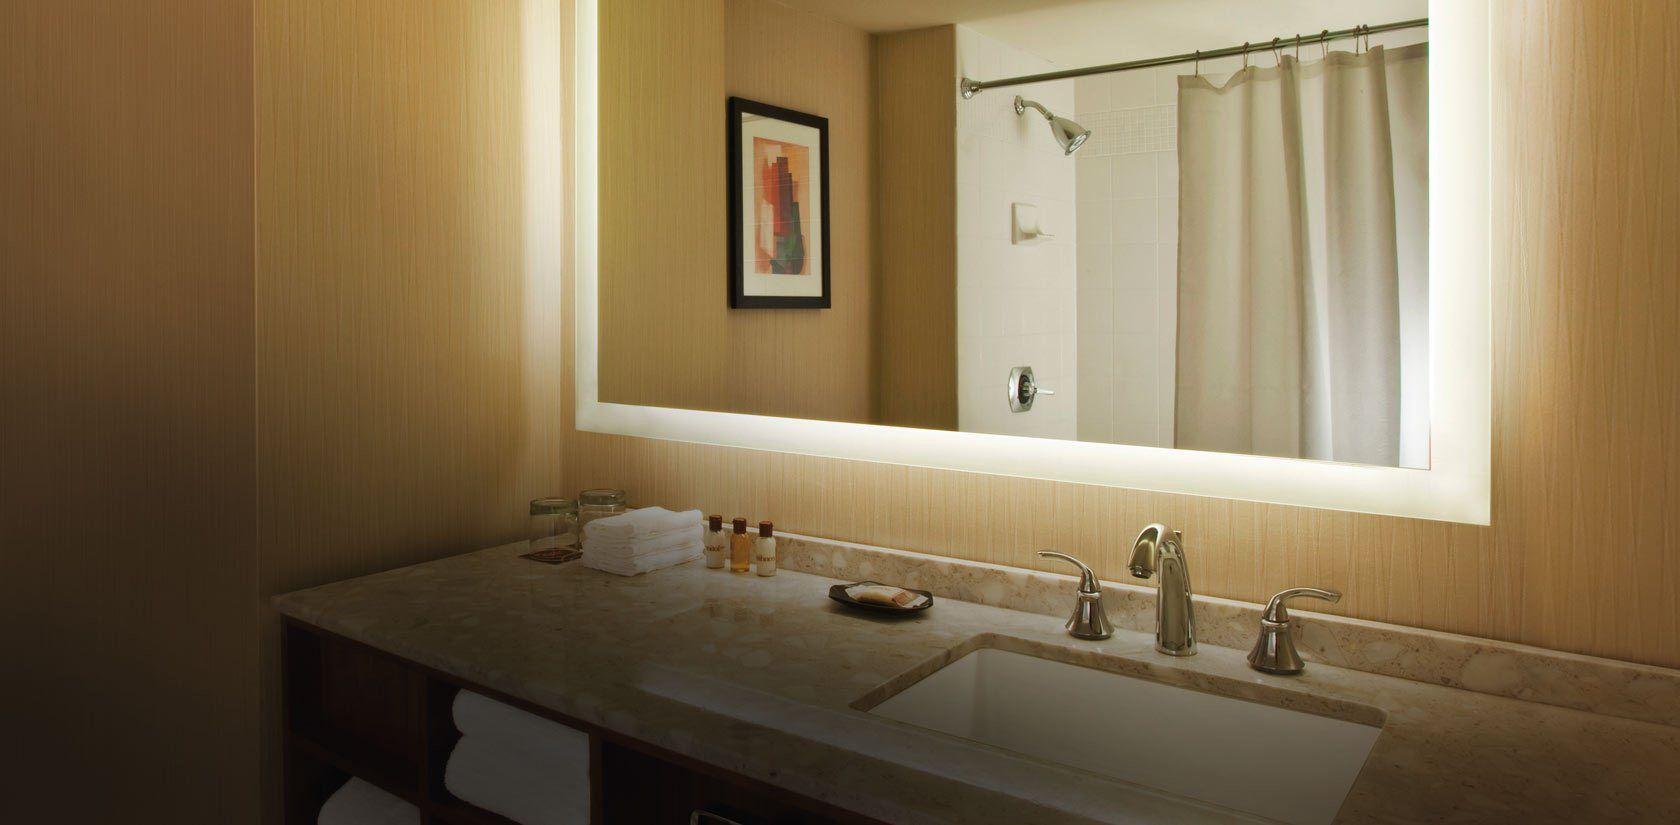 vintage bathroom lighting ideas. Luxury Sienna Bathroom Light Ideas Vintage Mirrors With Design Lighting T